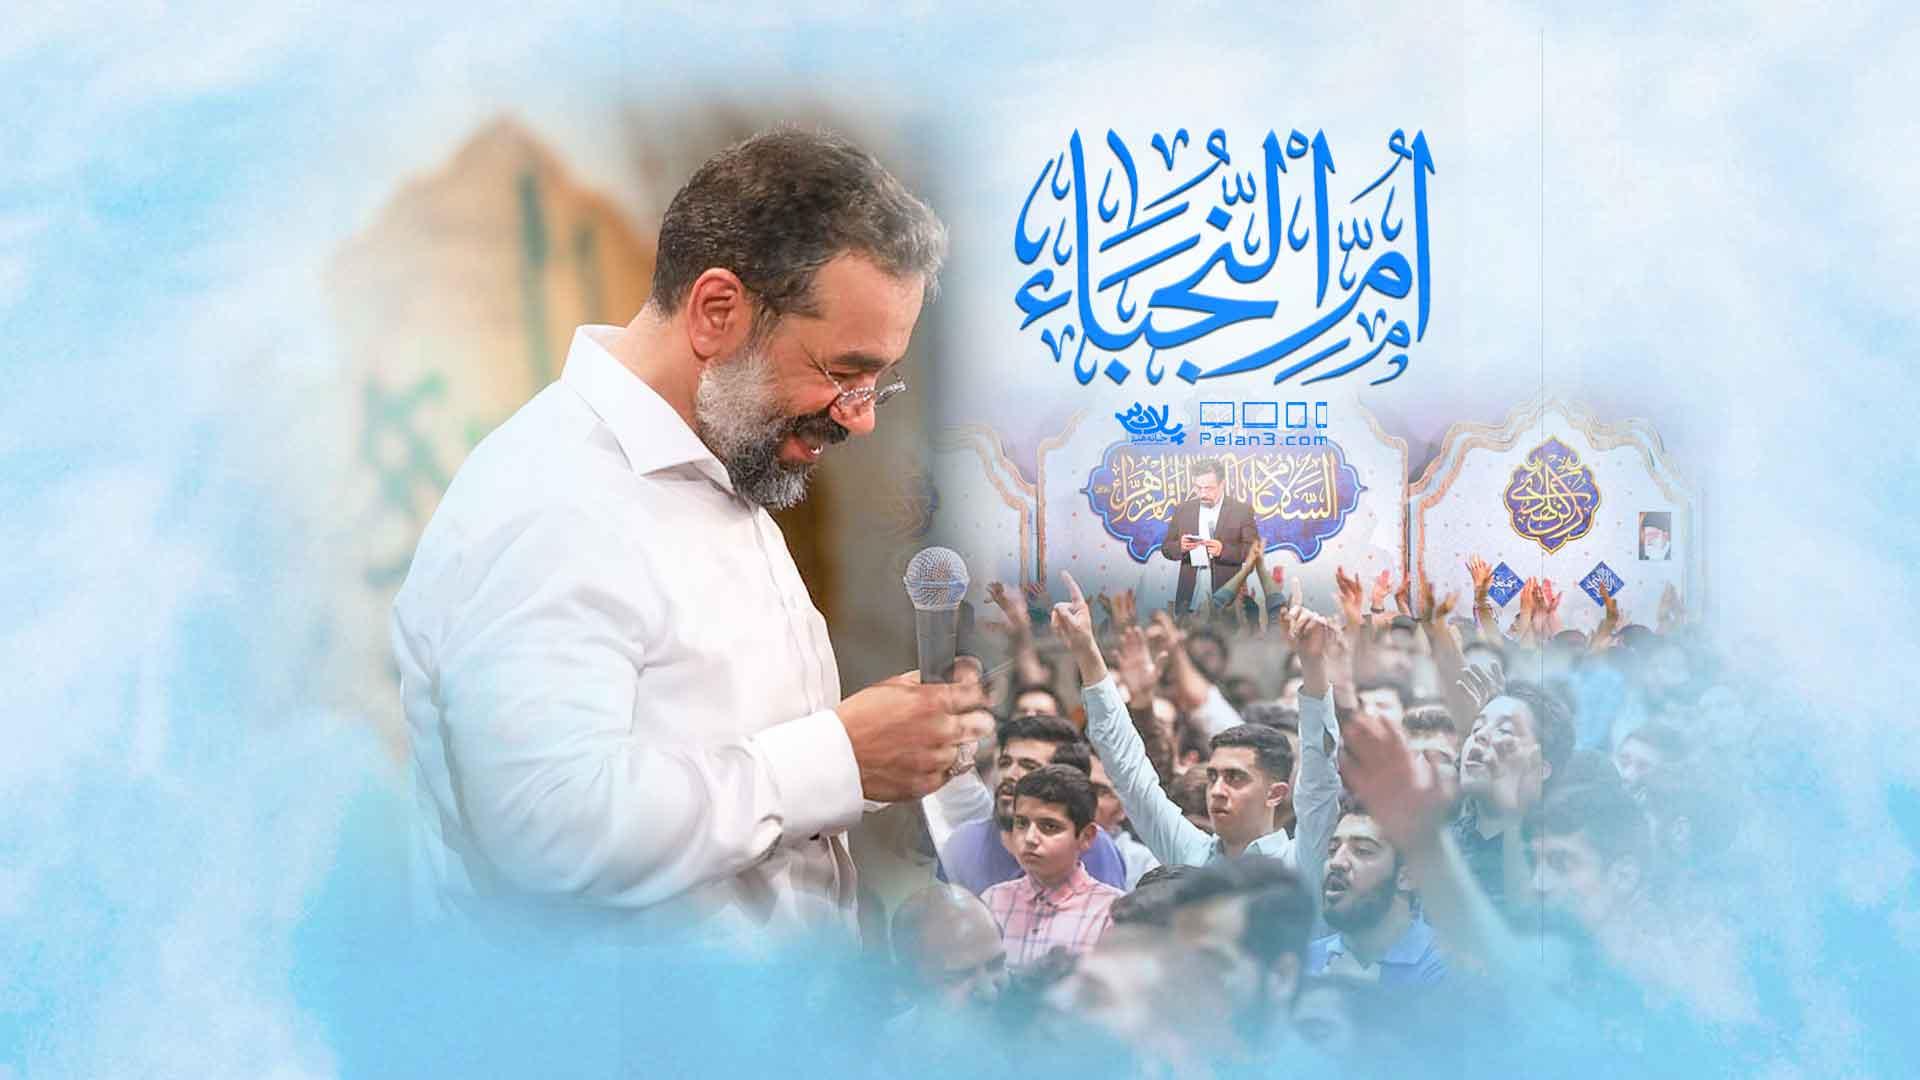 ام النجبا محمود کریمی